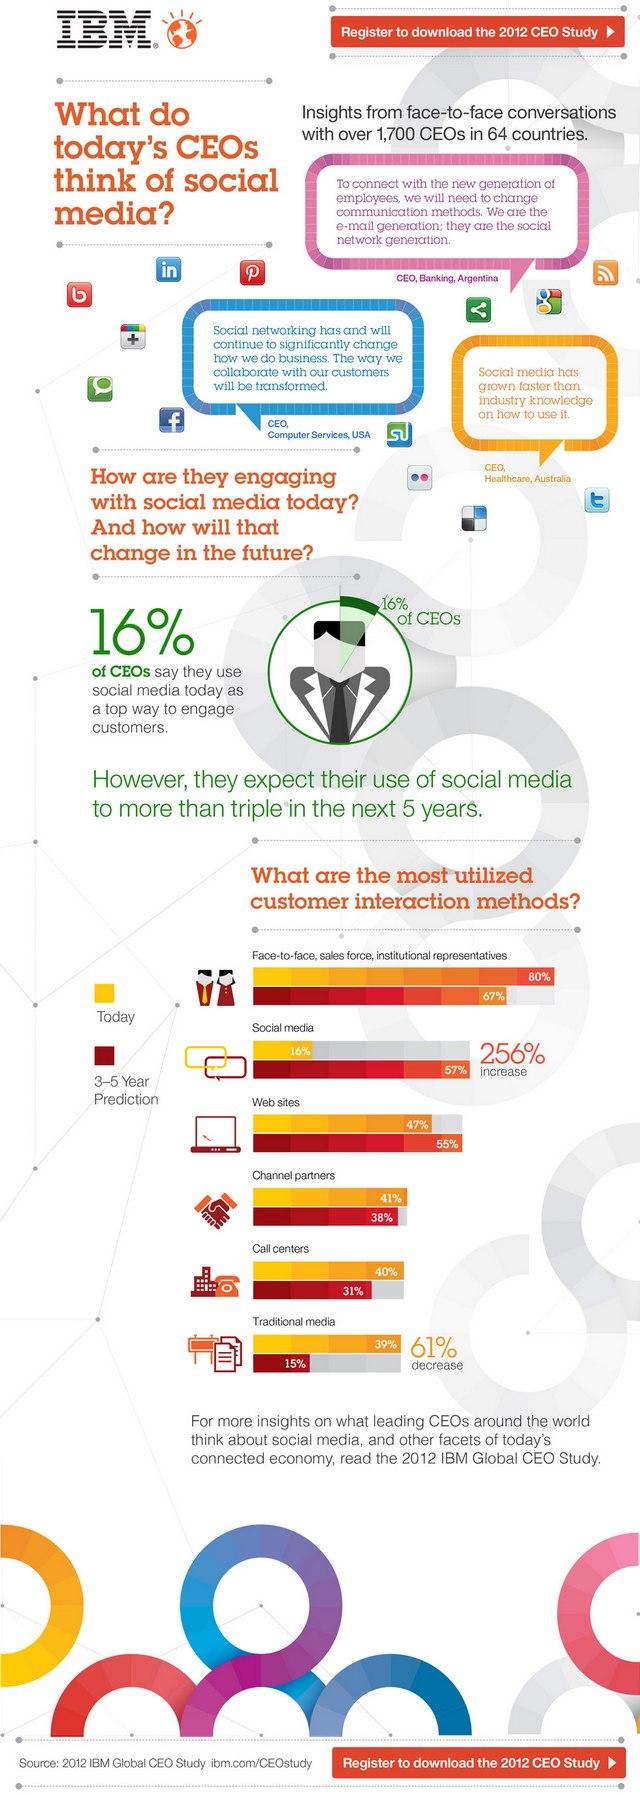 Що думають генеральні директори компаній про соціальні медіа (інфографіка)?